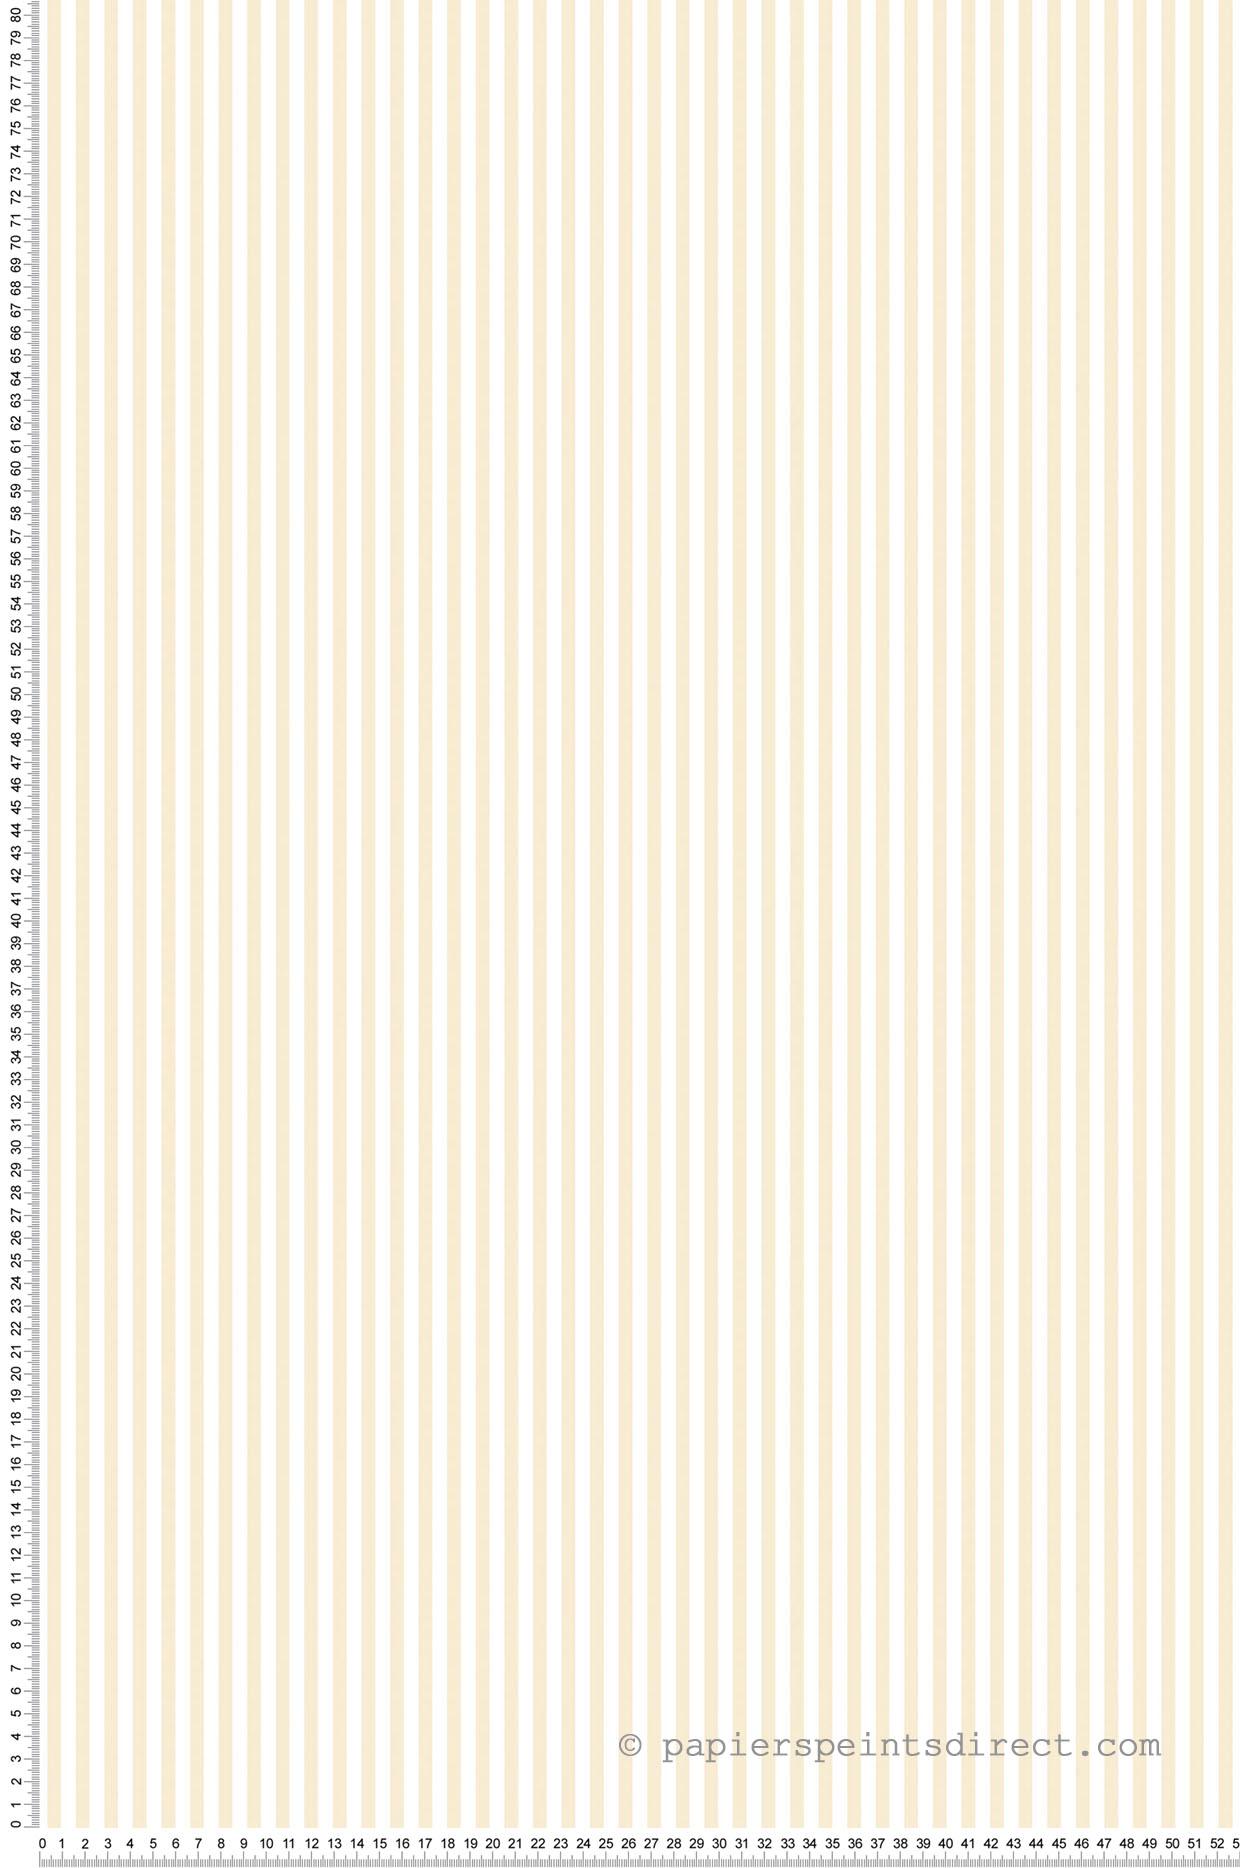 Papier peint Rayures bicolores beige et blanc - Miniatures de Lutèce   Réf. LTC-G67909